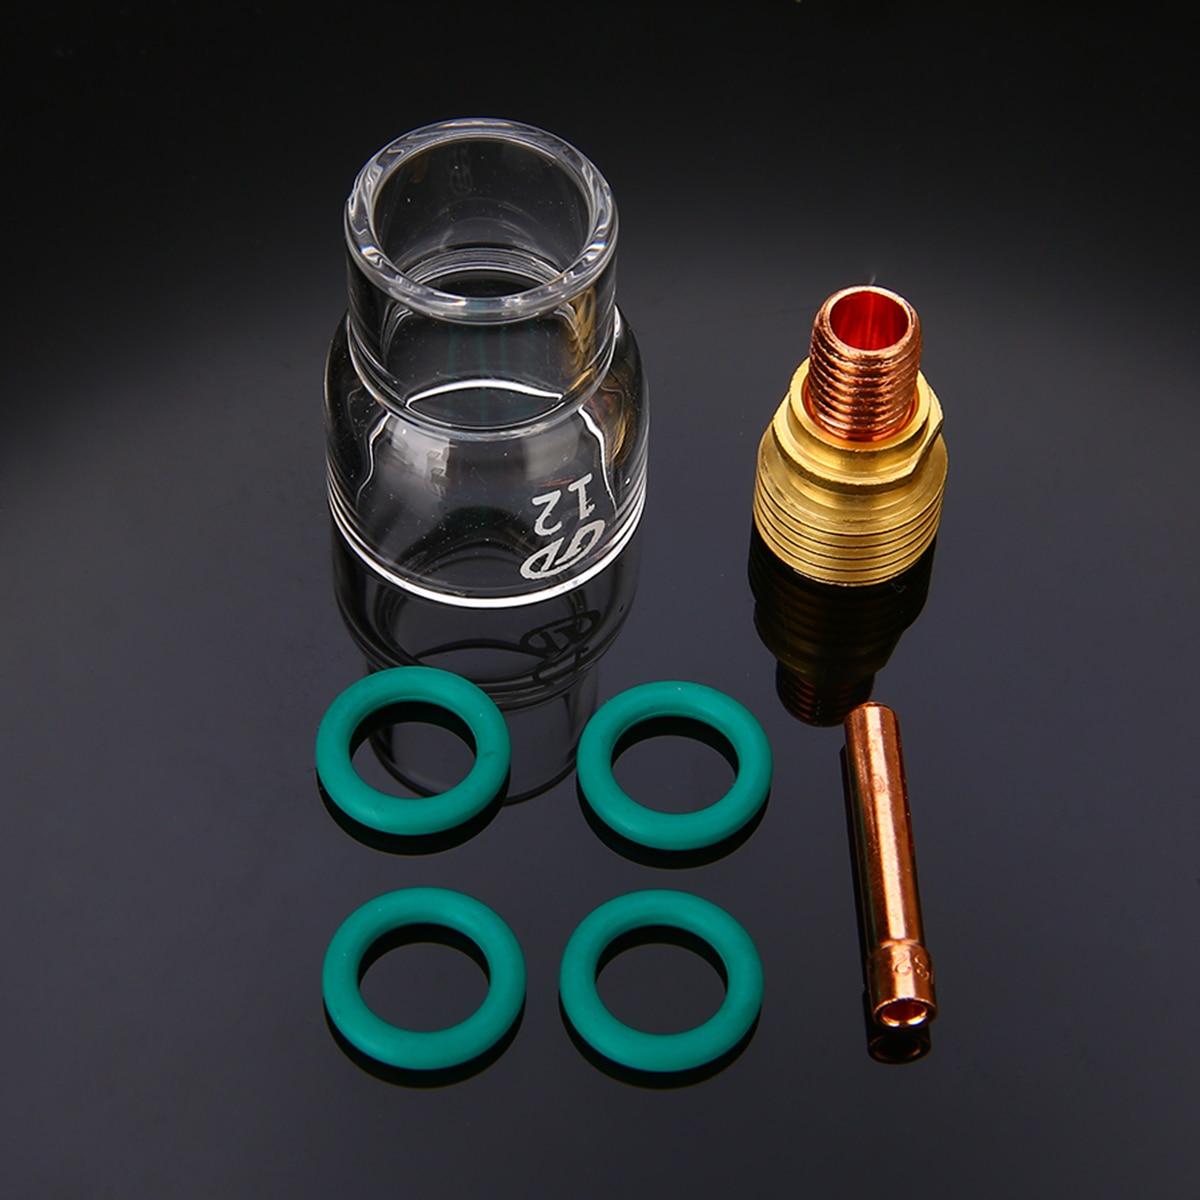 7 teile/satz Schweißen Fackel TIG Schweißer Stubby Gas Objektiv #12 Pyrex Glas Tasse Kit Für WP-9/WP-20/ WP-25 Für Schweißen Armaturen Werkzeug